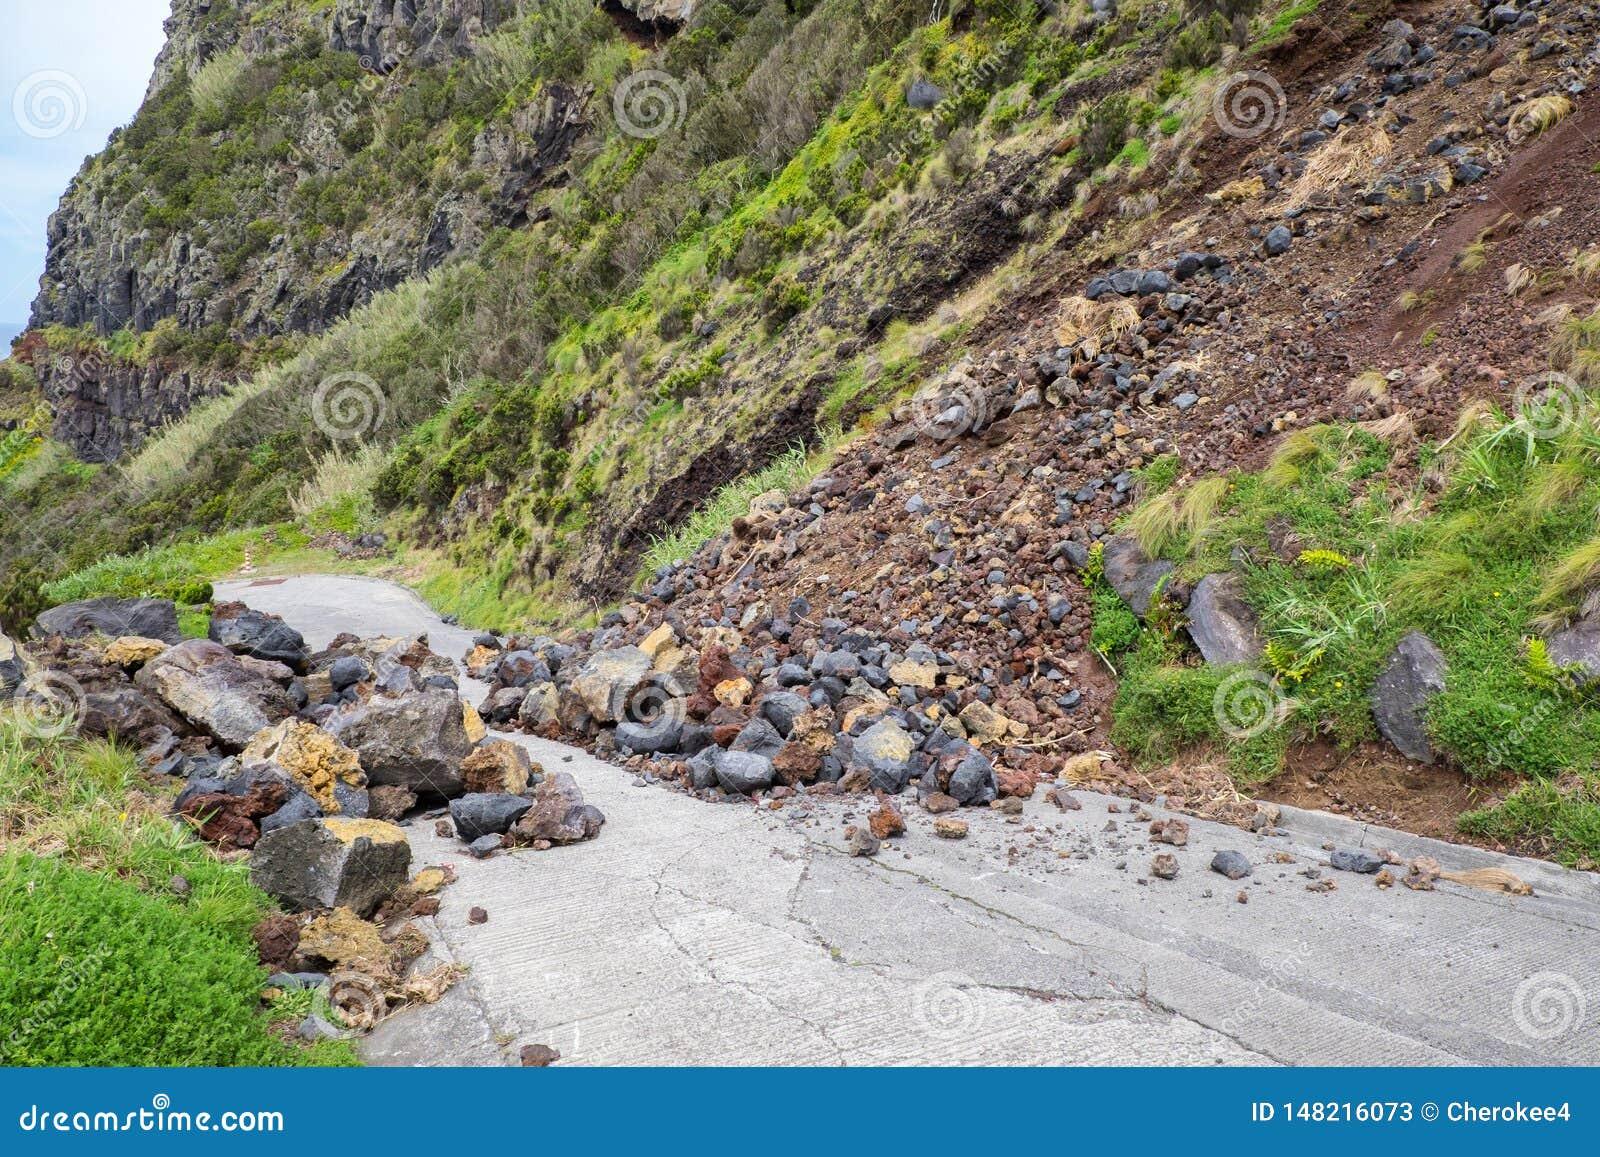 危险山山崩石头倾斜威胁阻拦城市的司机和居民的路